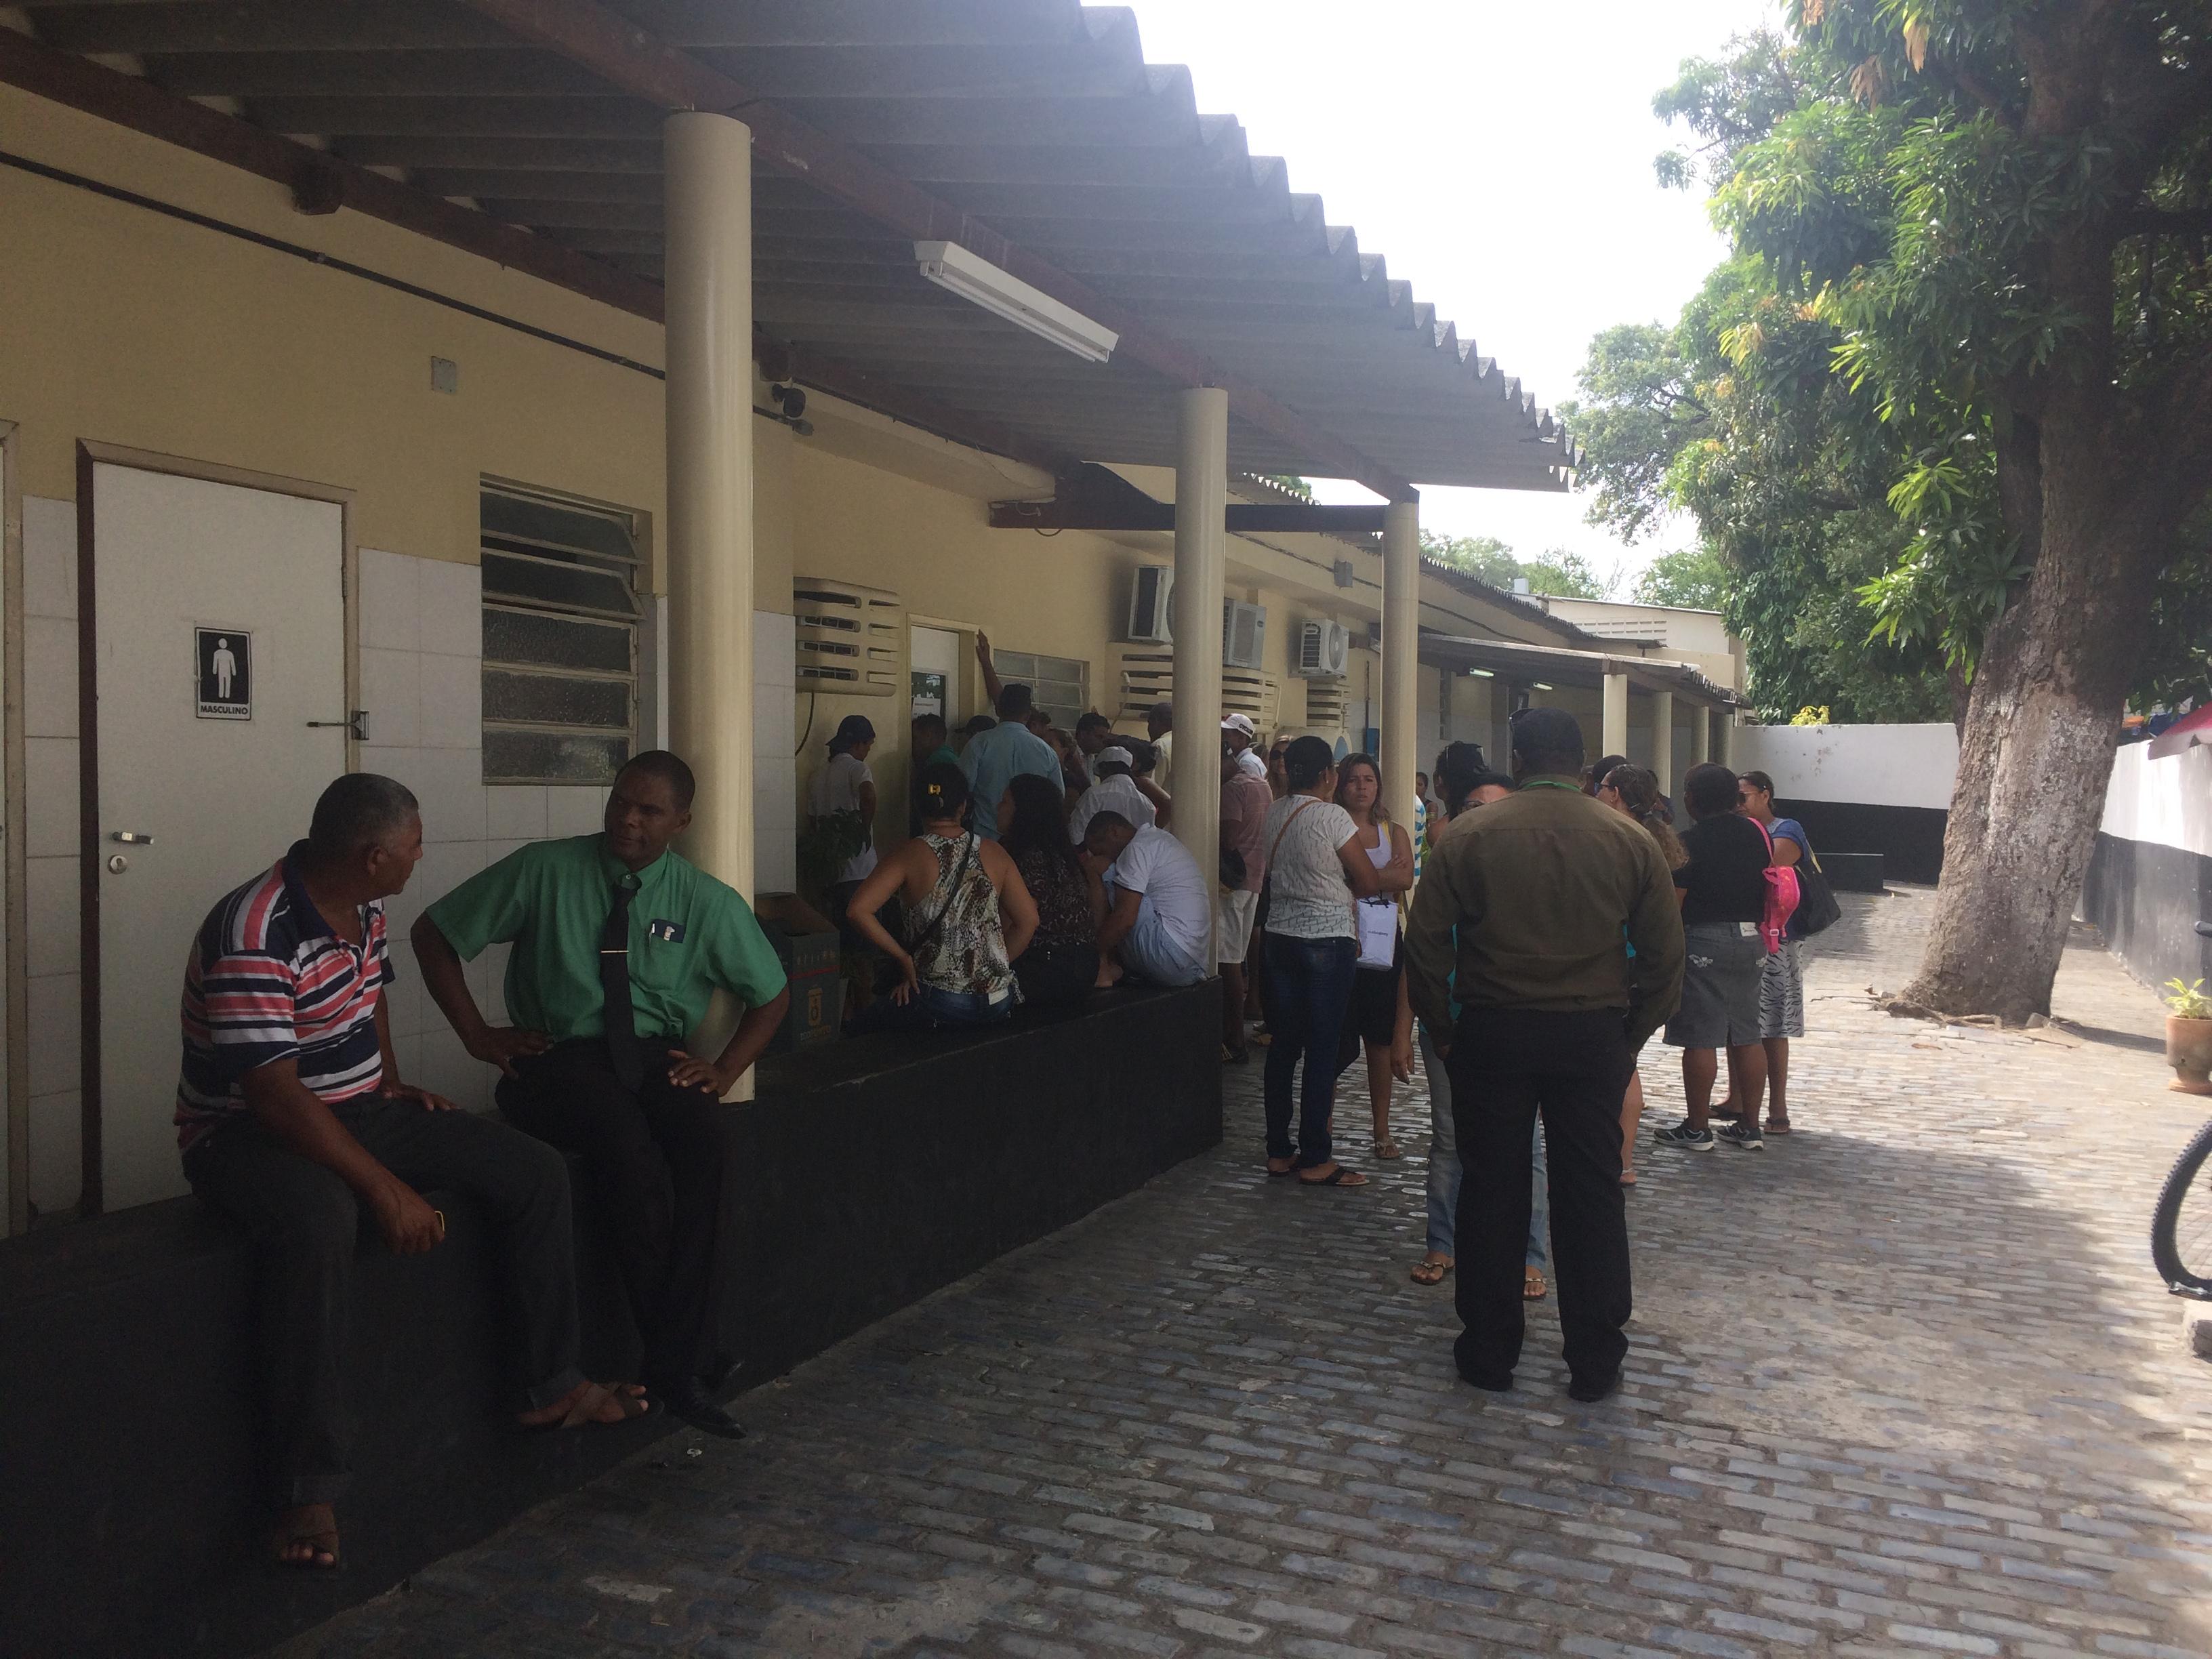 Dezenas de pessoas estavam na portaria do IML na tarde desta segunda-feira. Foto: Wagner Oliveira/DP